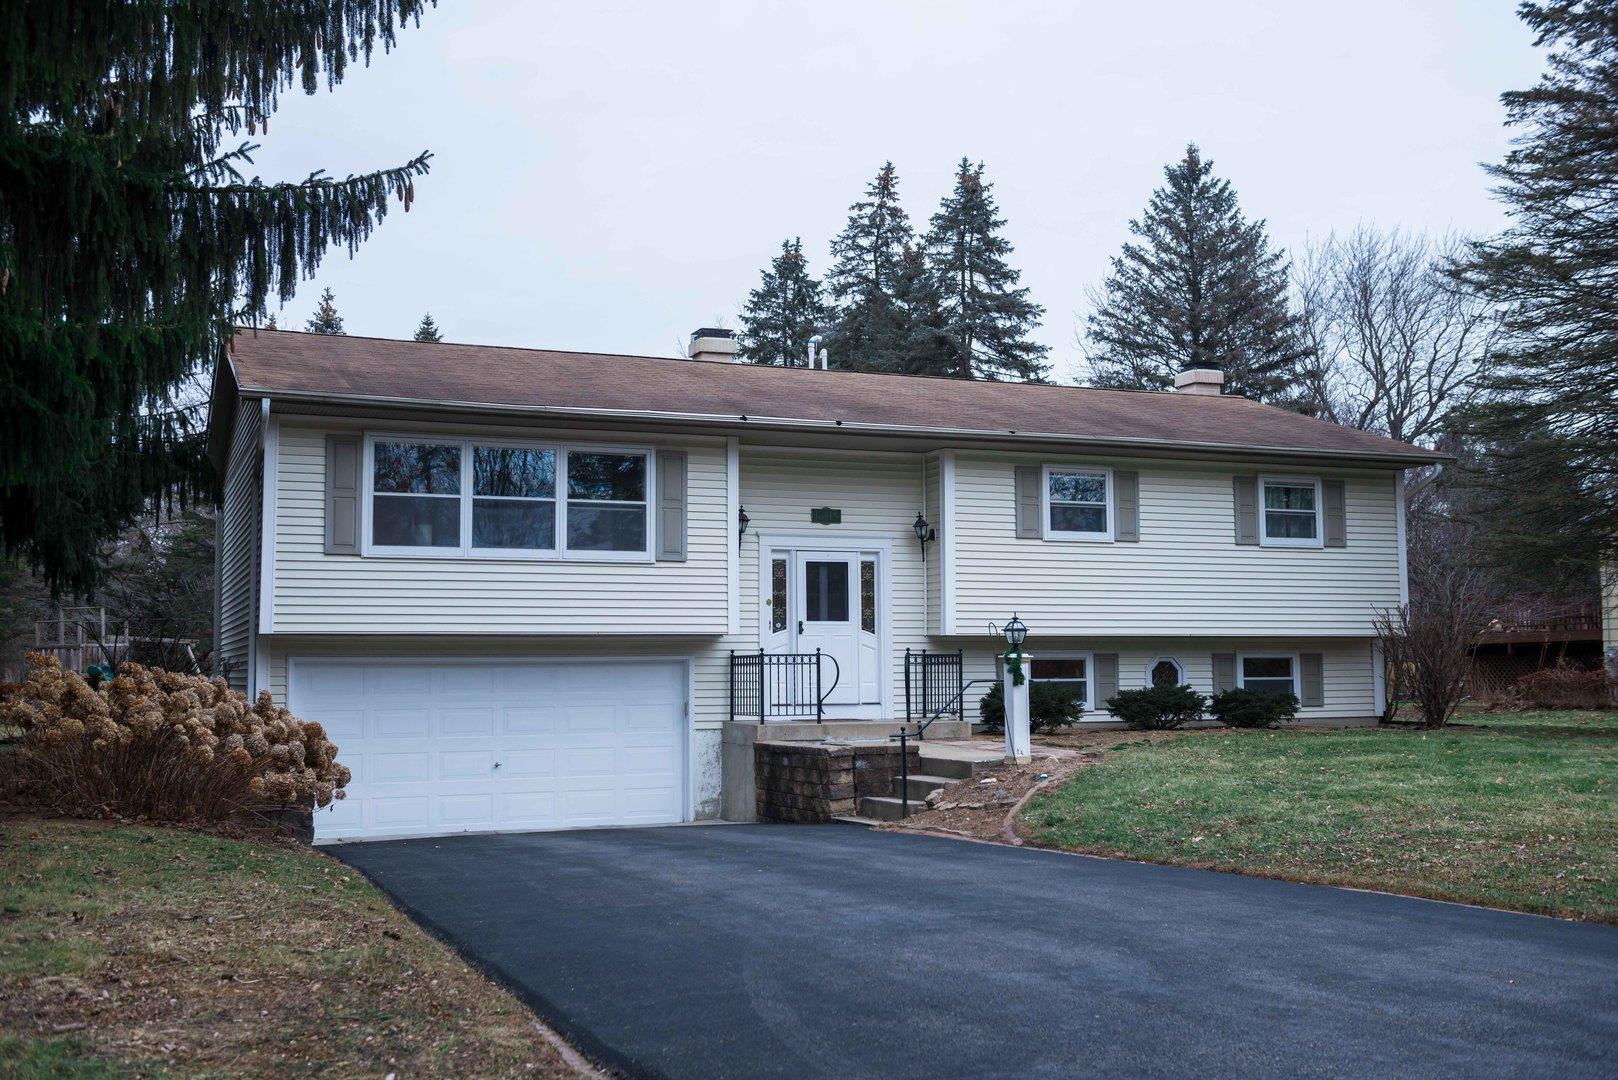 15418 West Clover Lane, Libertyville, Illinois 60048